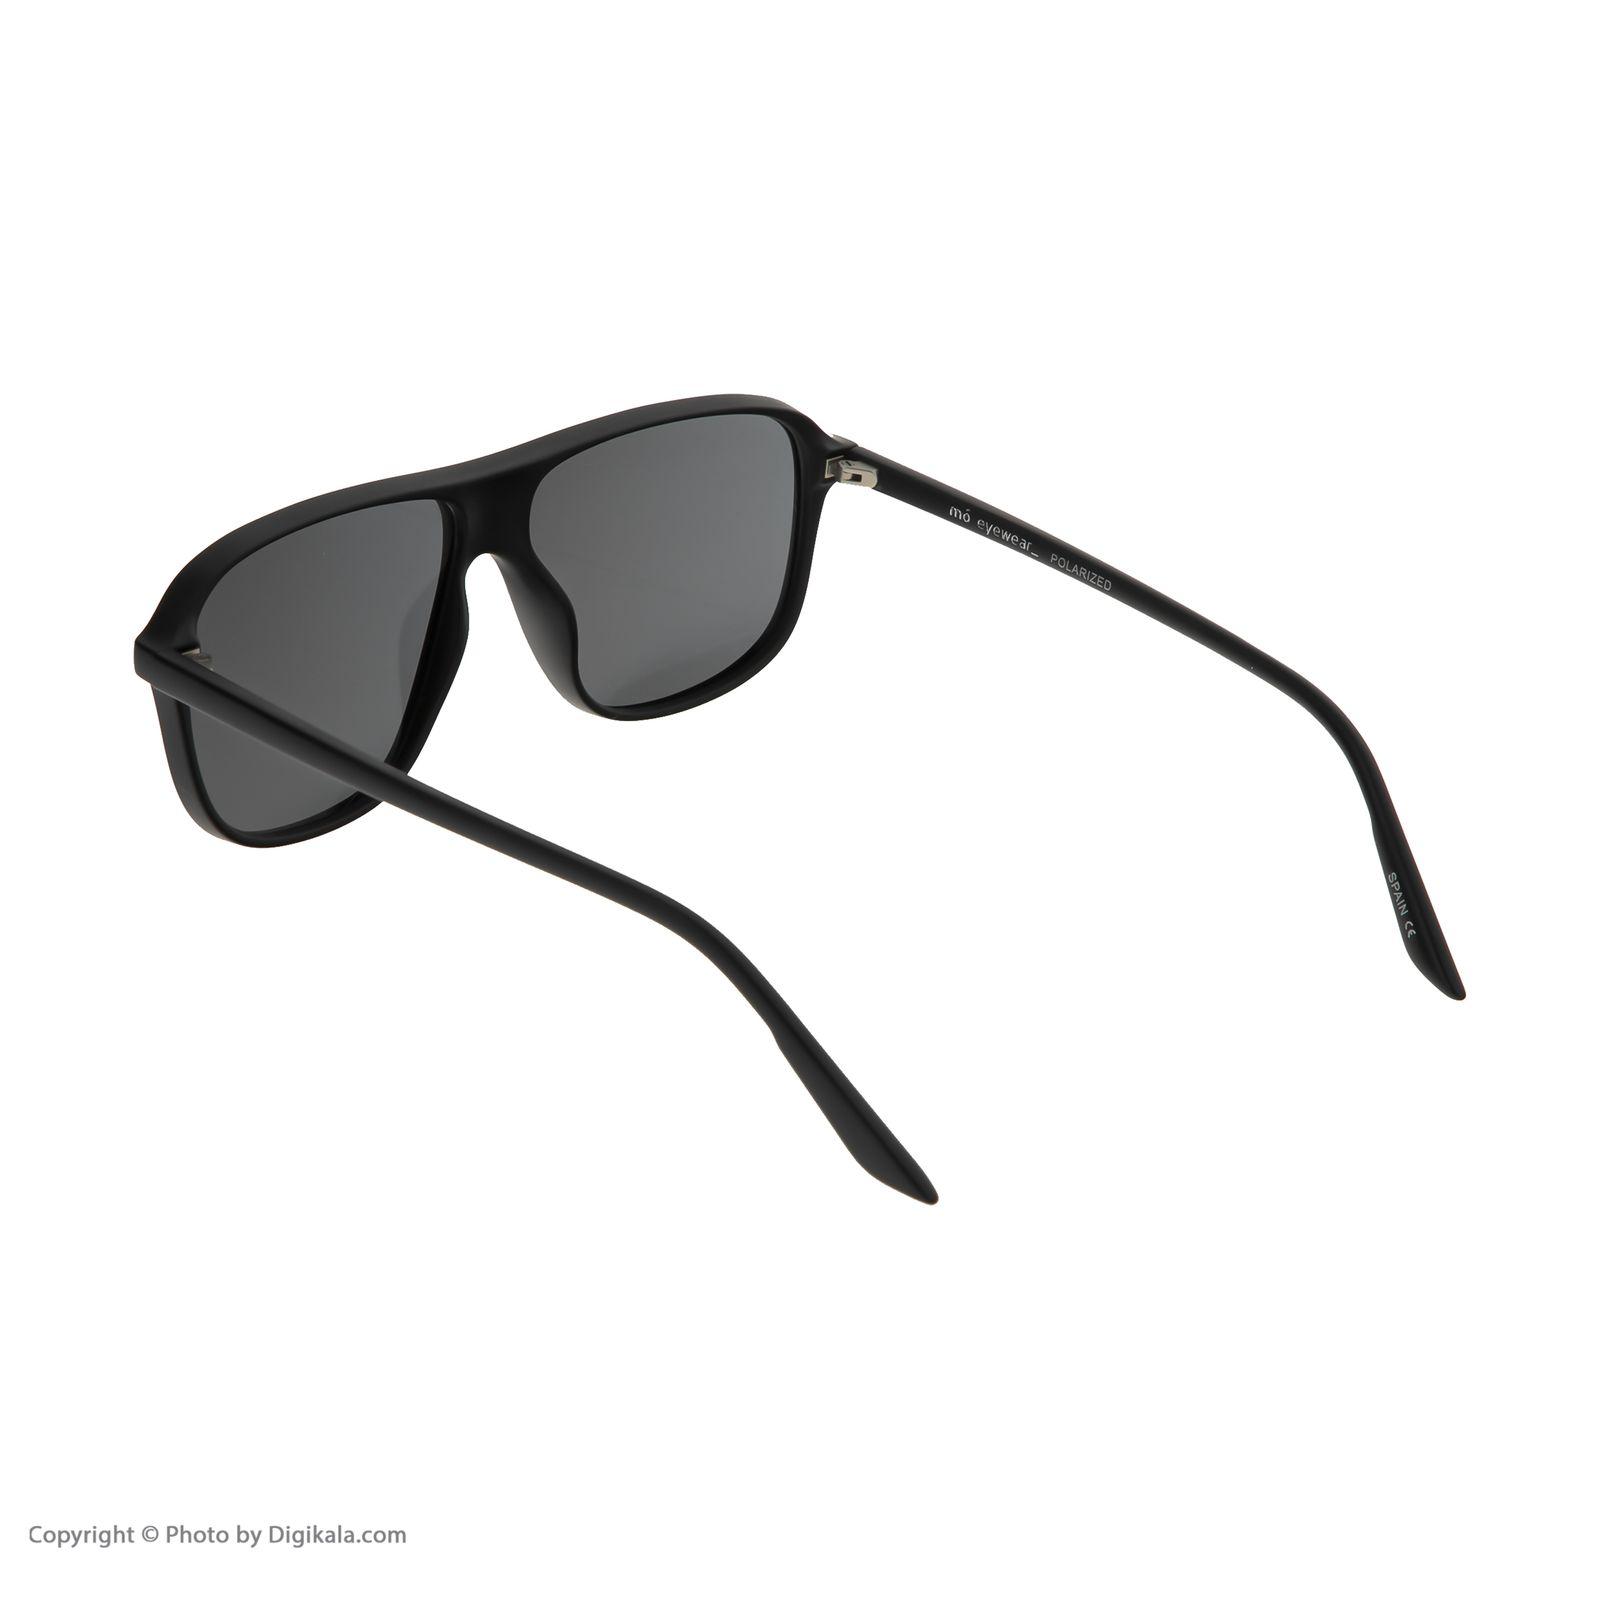 عینک آفتابی موآیور مدل 2481 c -  - 6